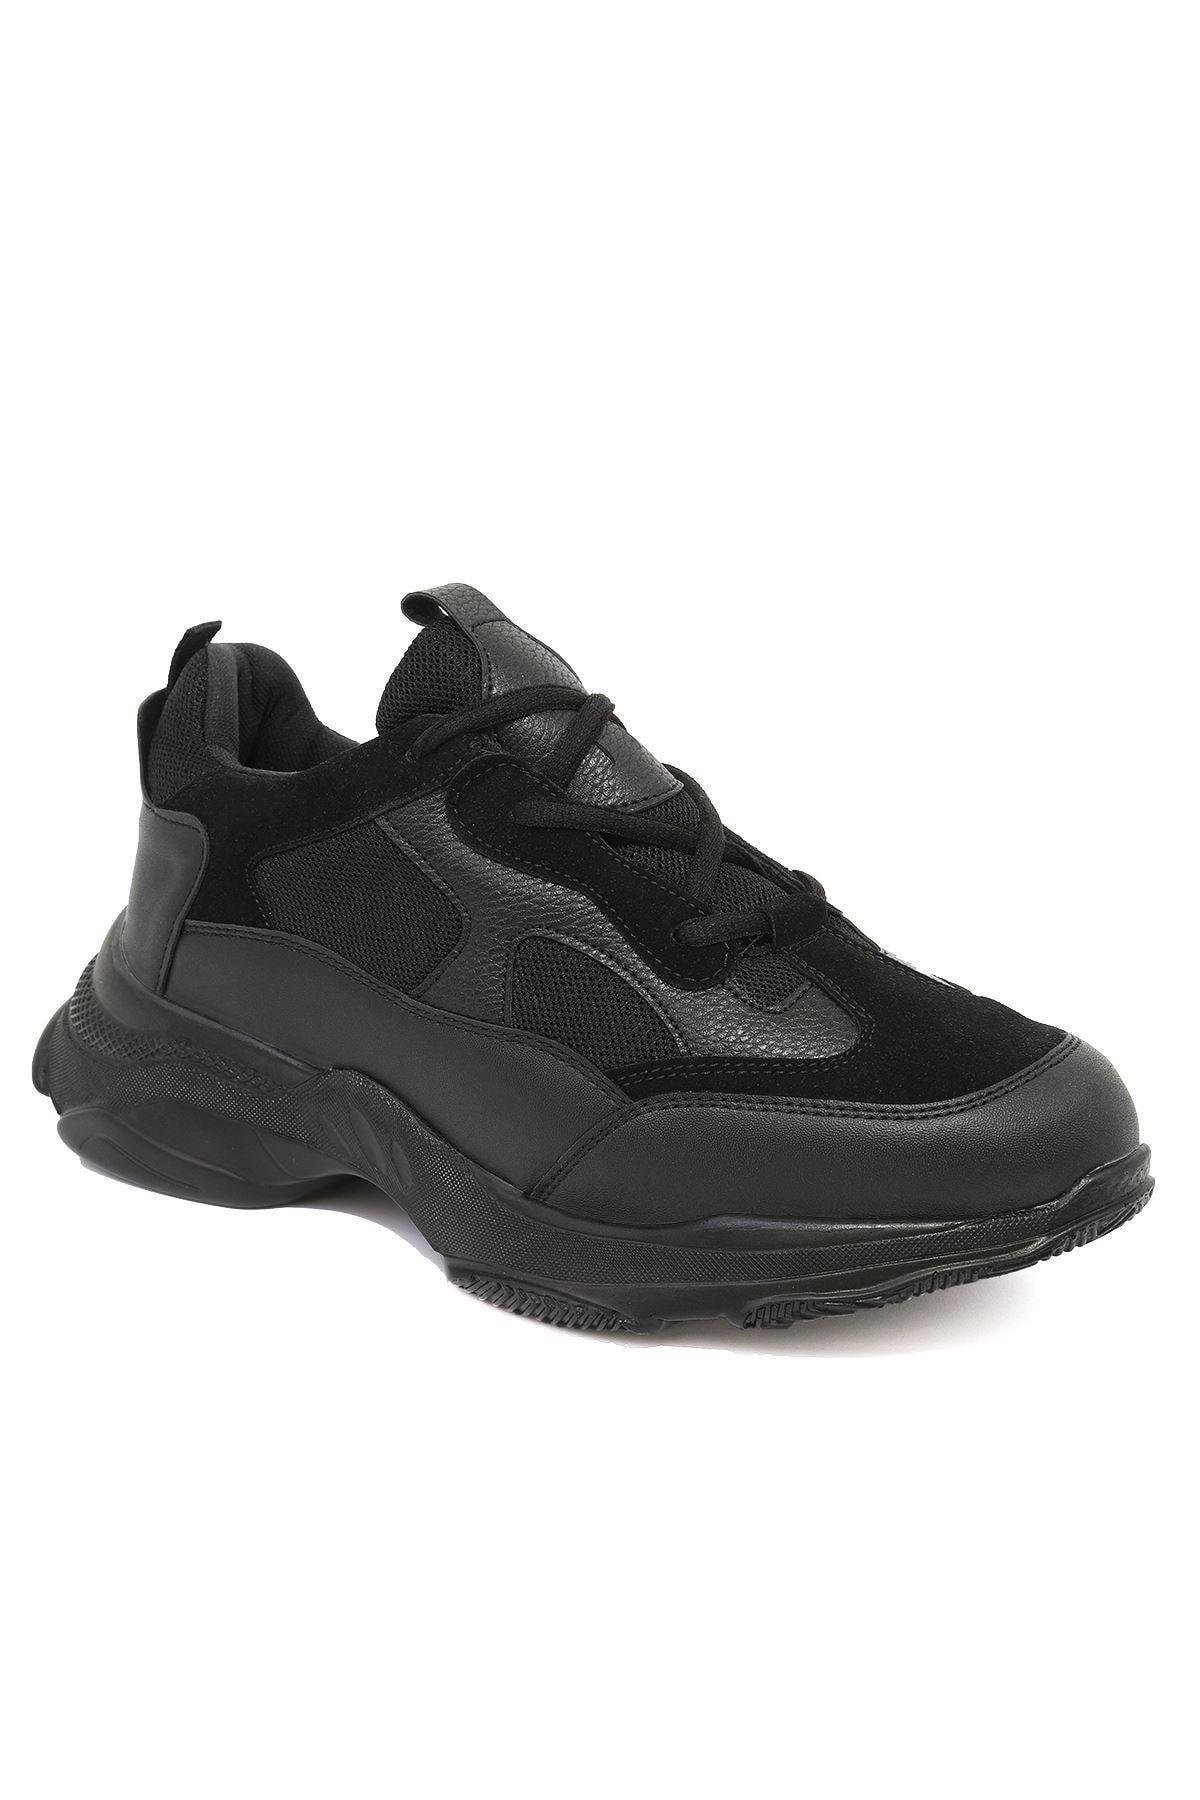 LETOON Erkek Siyah Yüksek Tabanlı Sneaker Ayakkabı 1